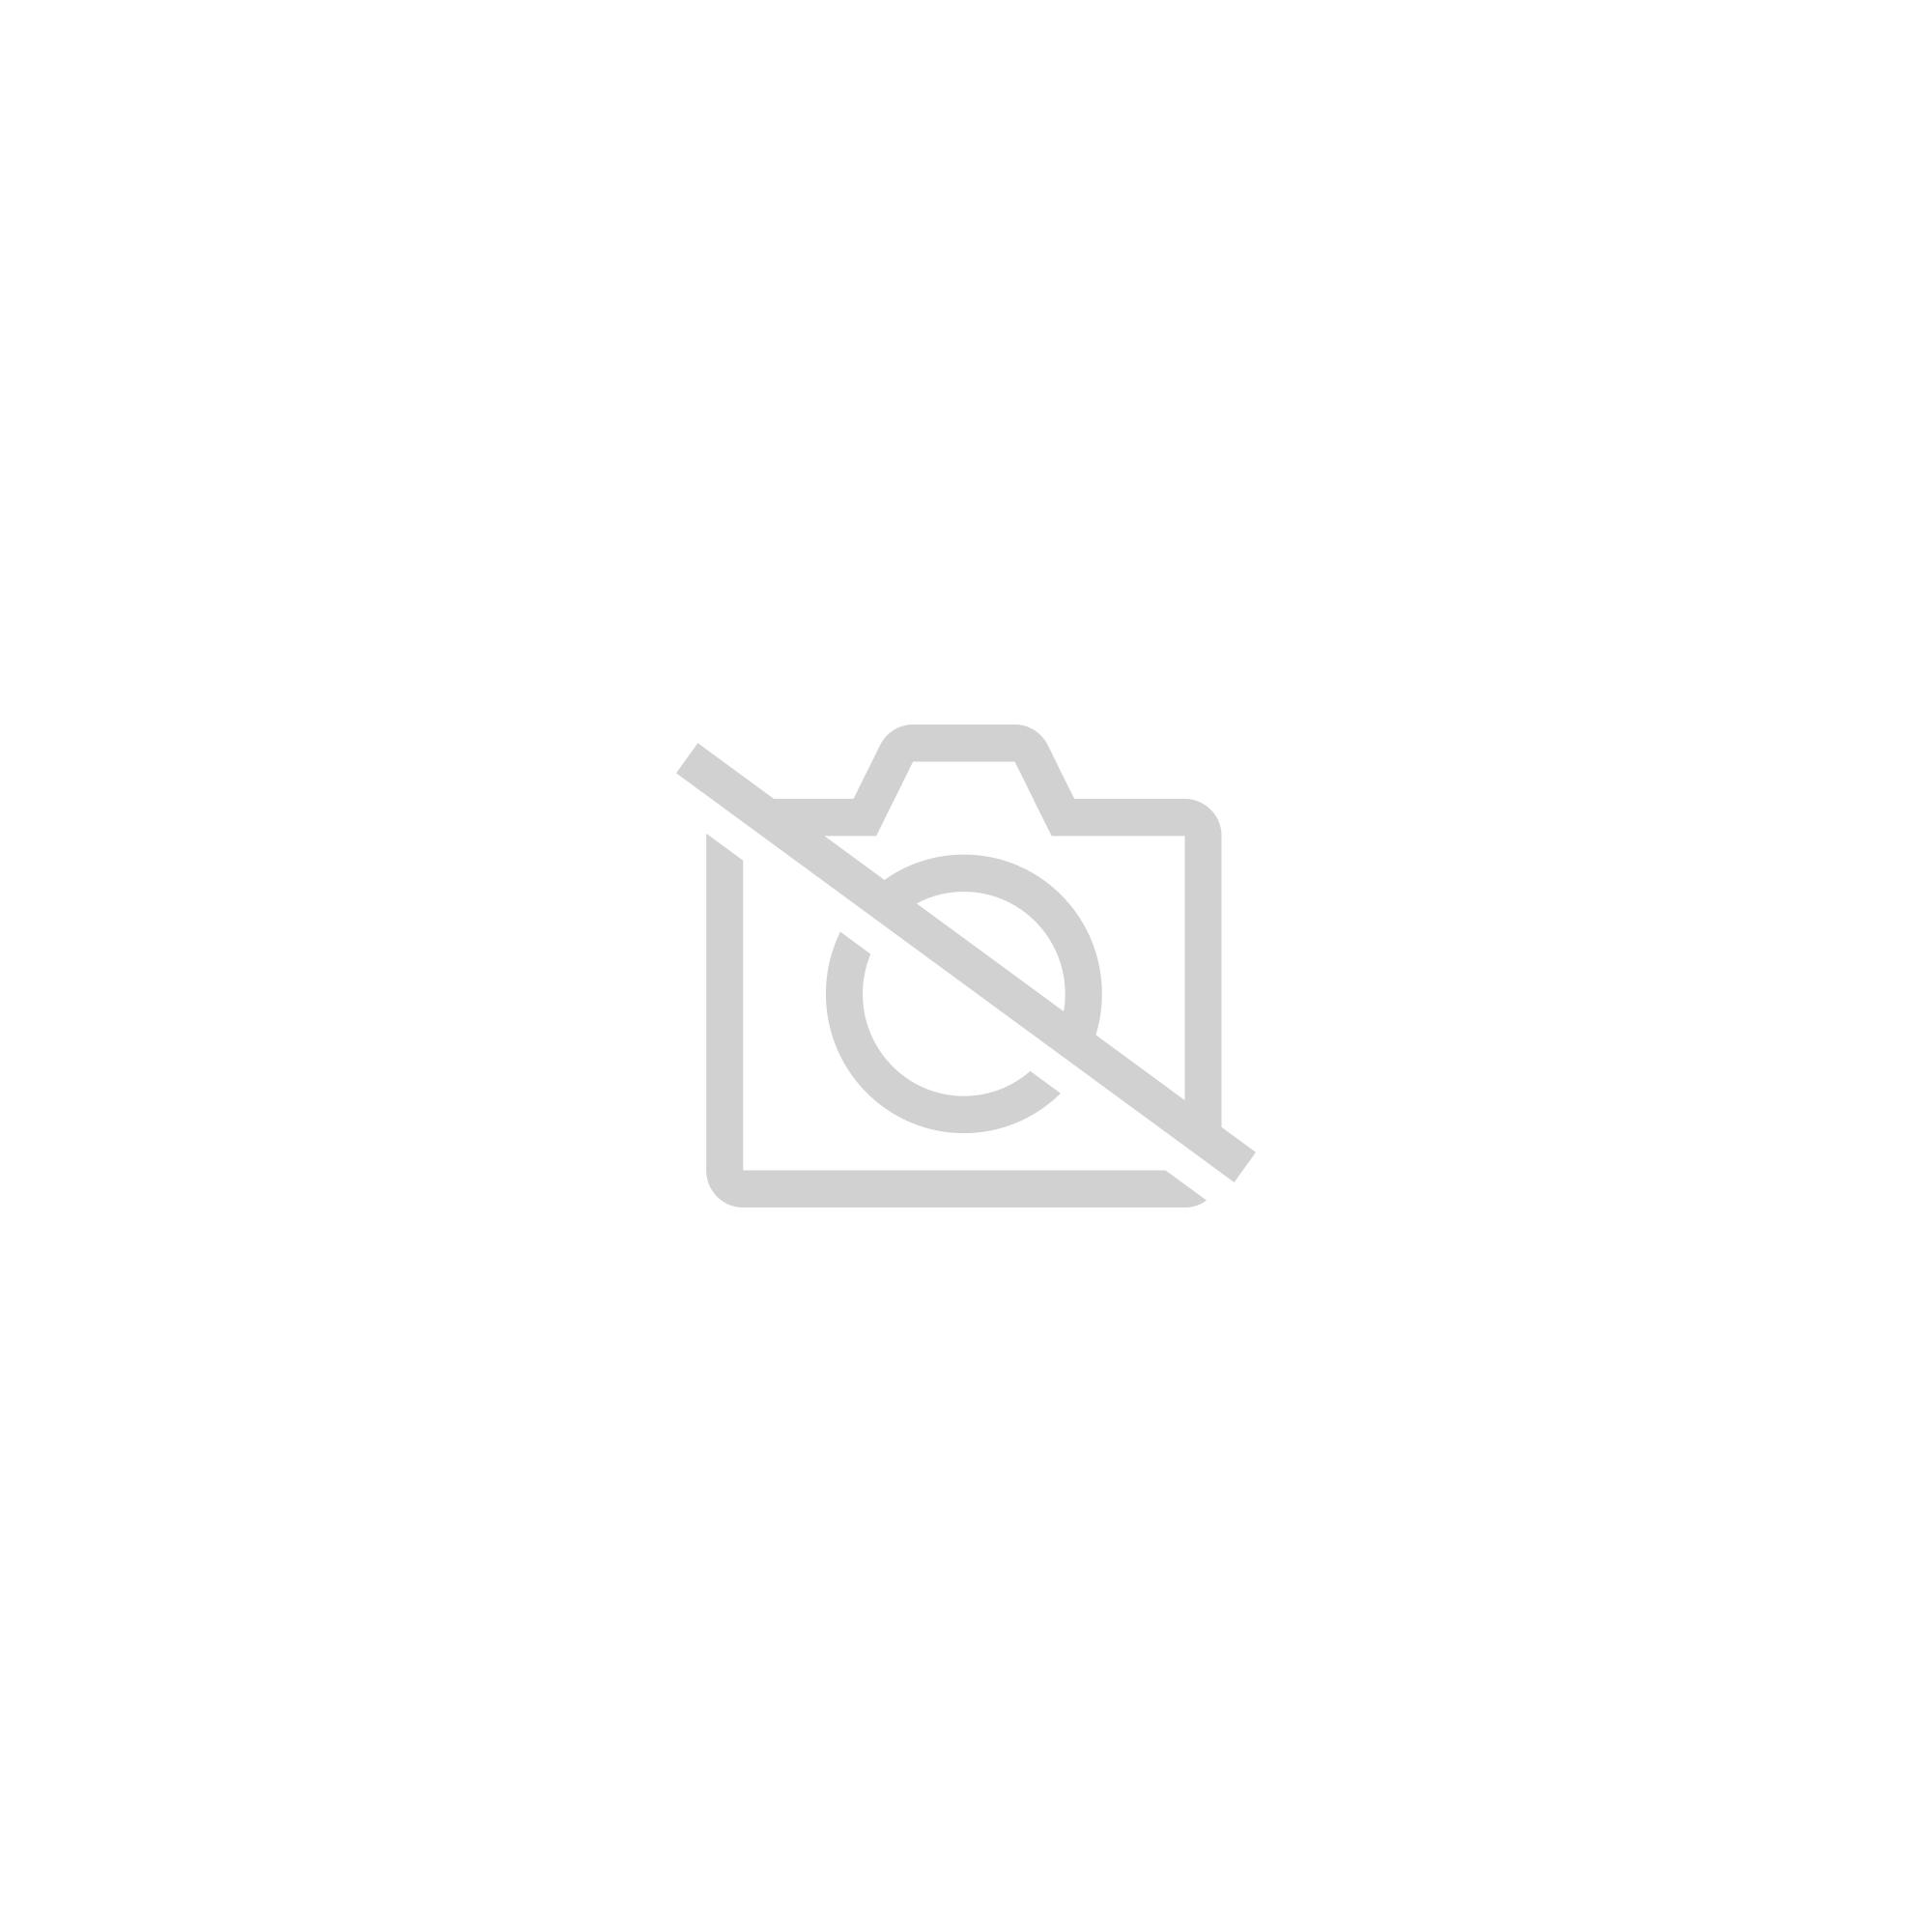 Ainol A1001 10pouces Tablette Electronique avec écran LCD - Orange